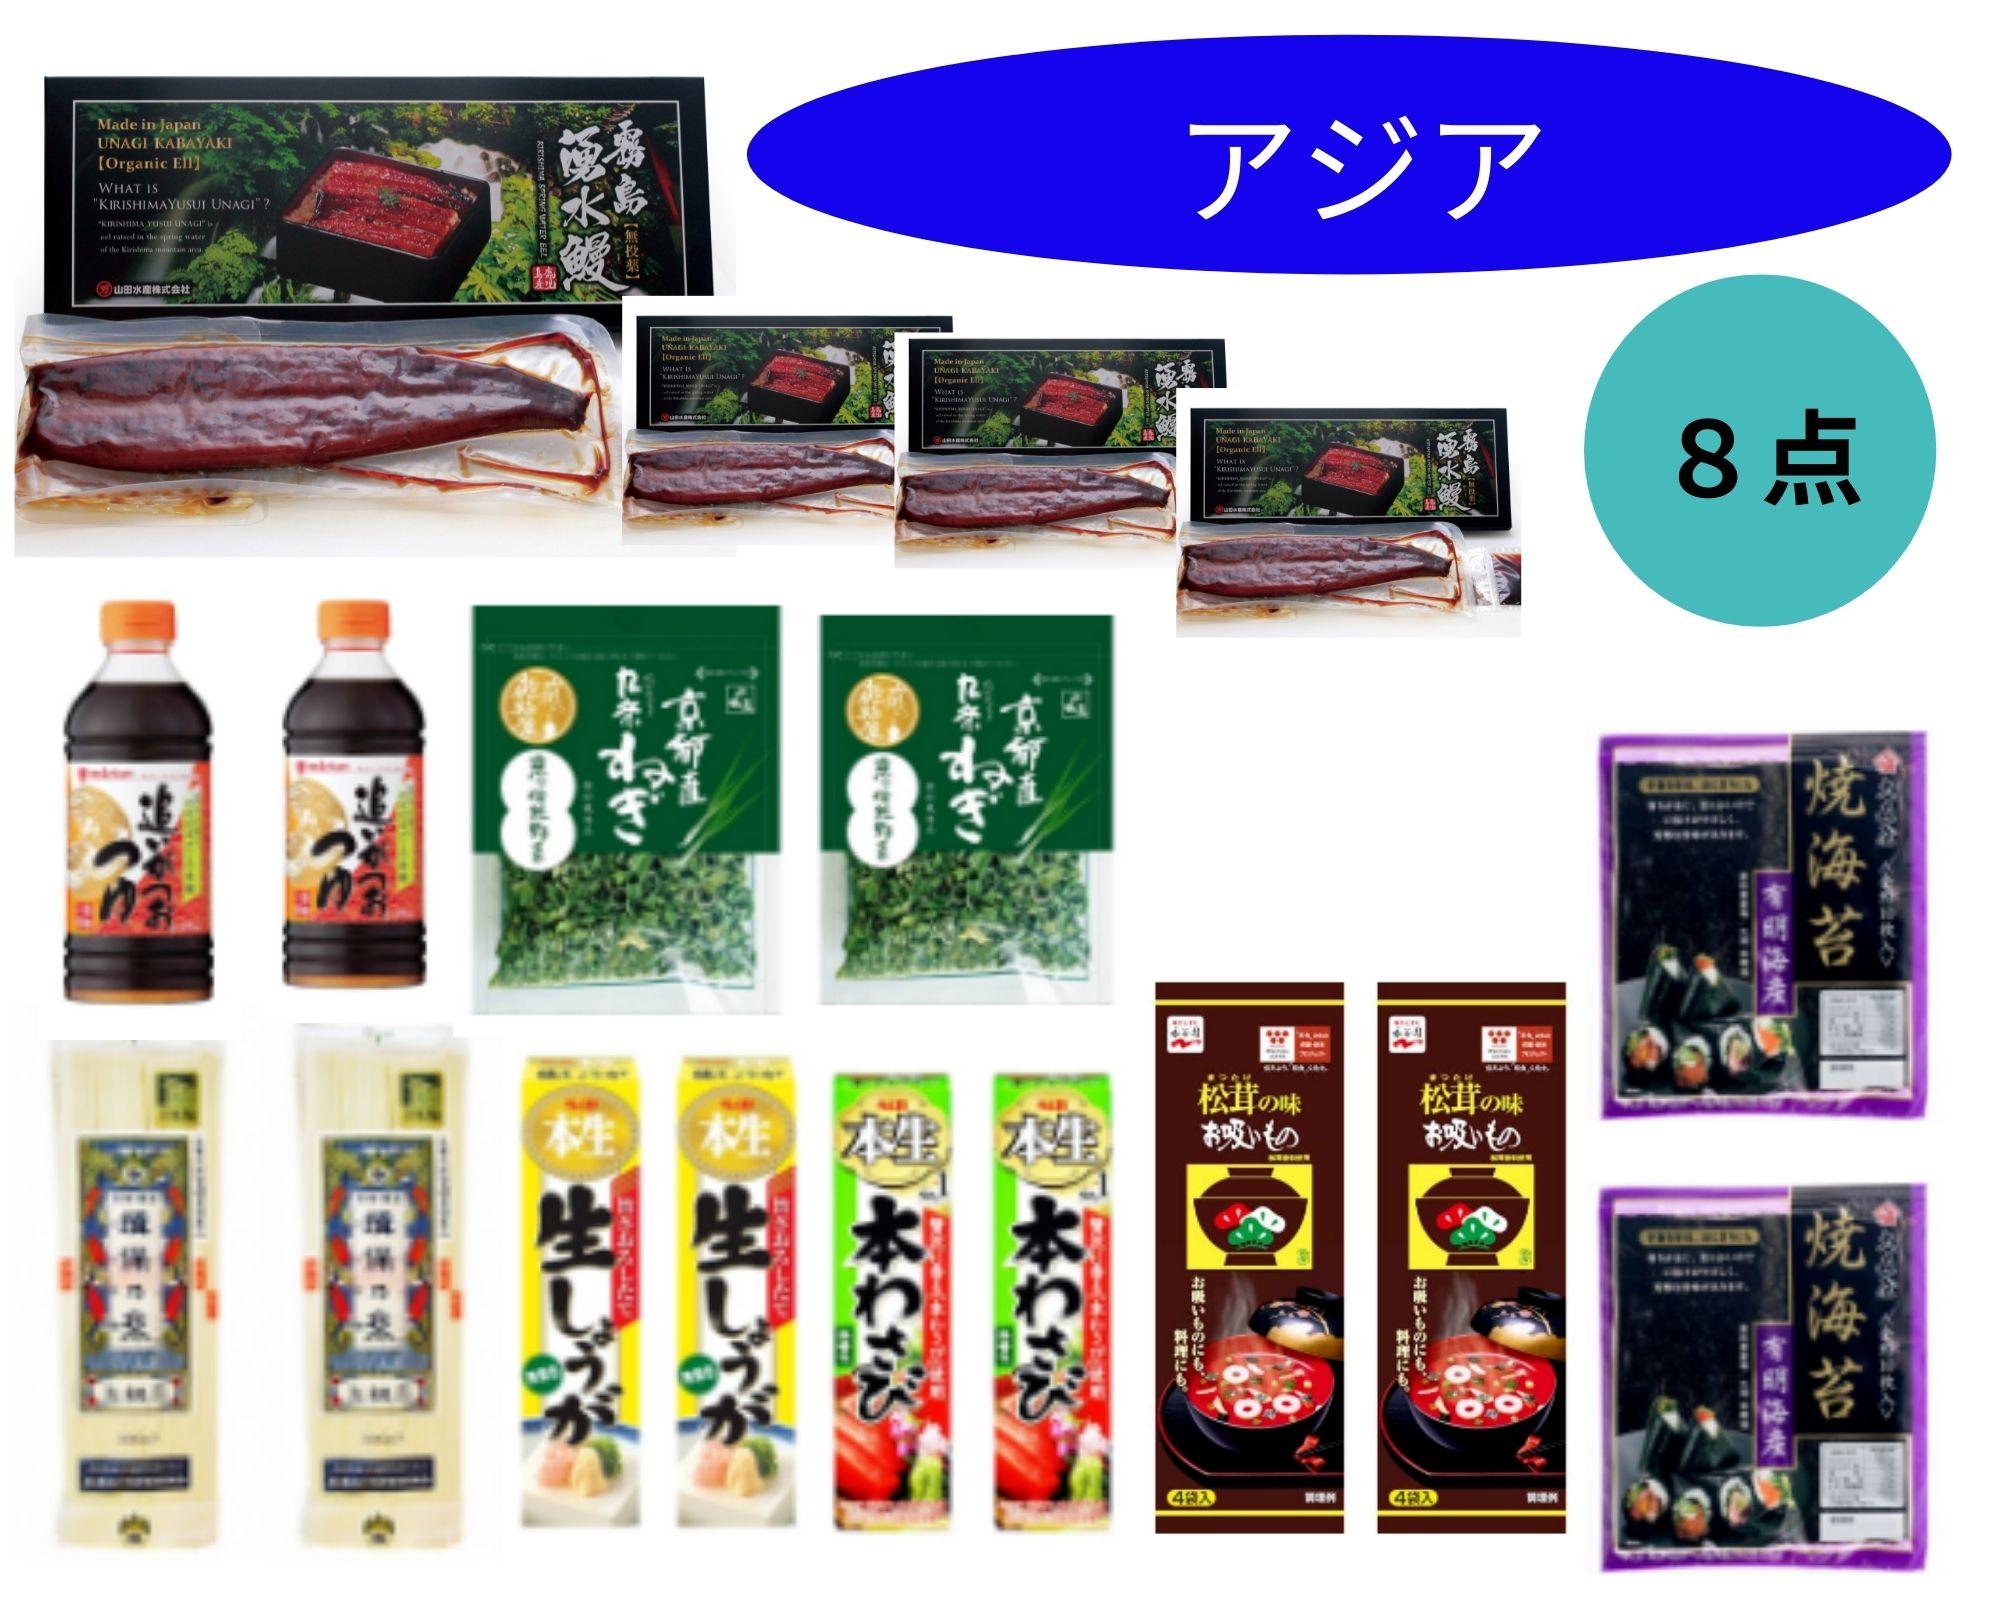 アジア地域限定商品 //  鰻+プラス(8点セット)